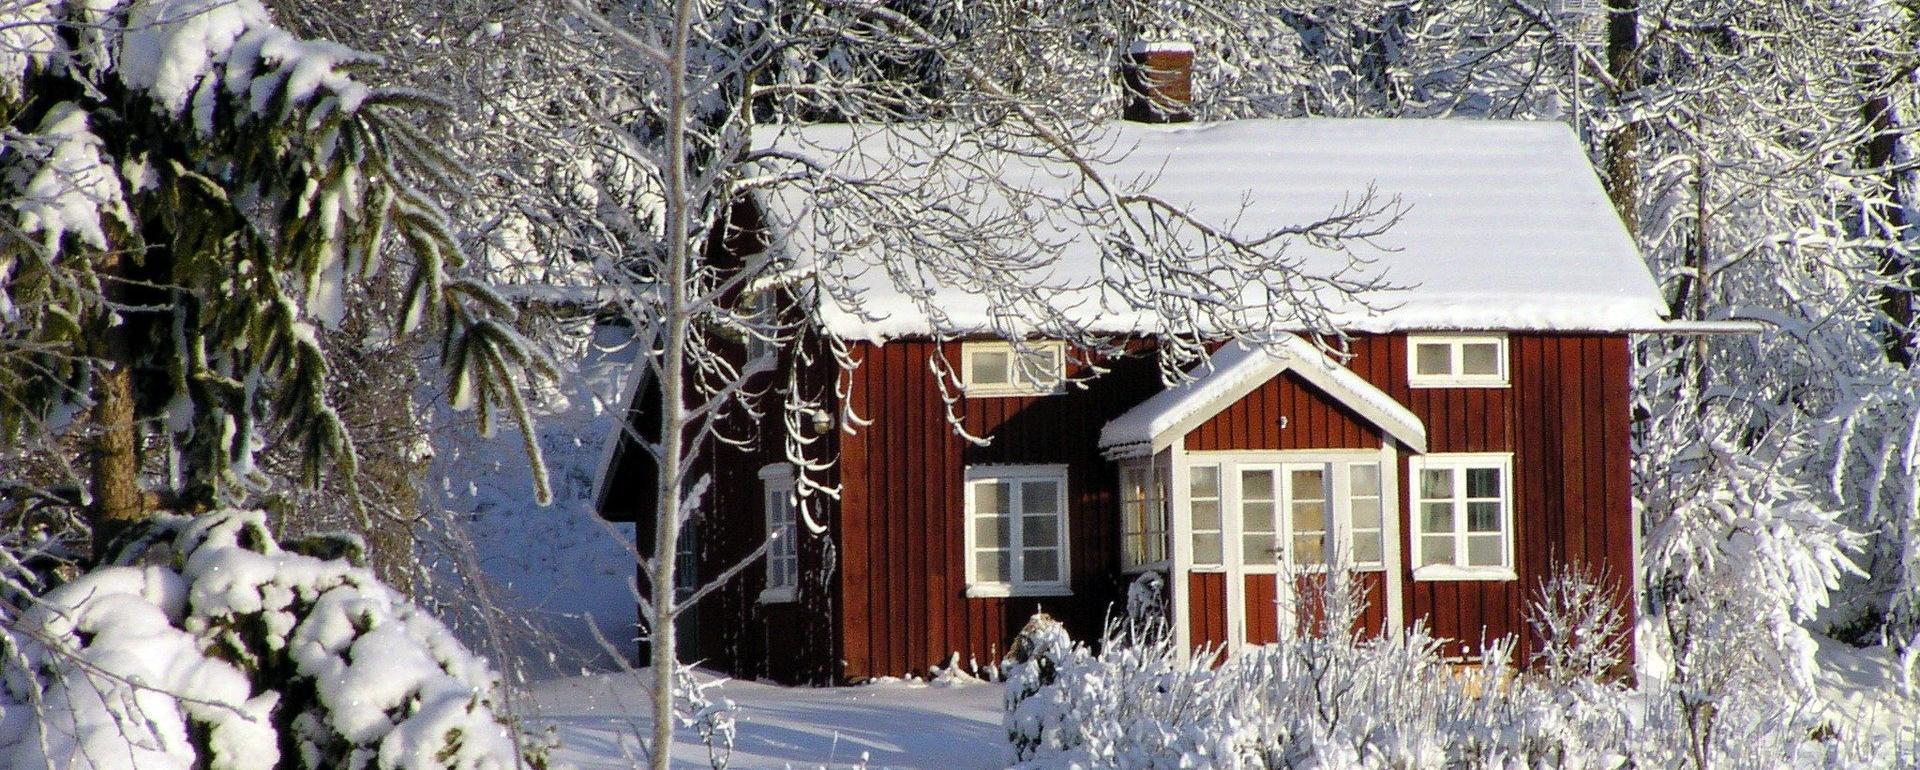 Stuga vinter energi solceller gasol produkter